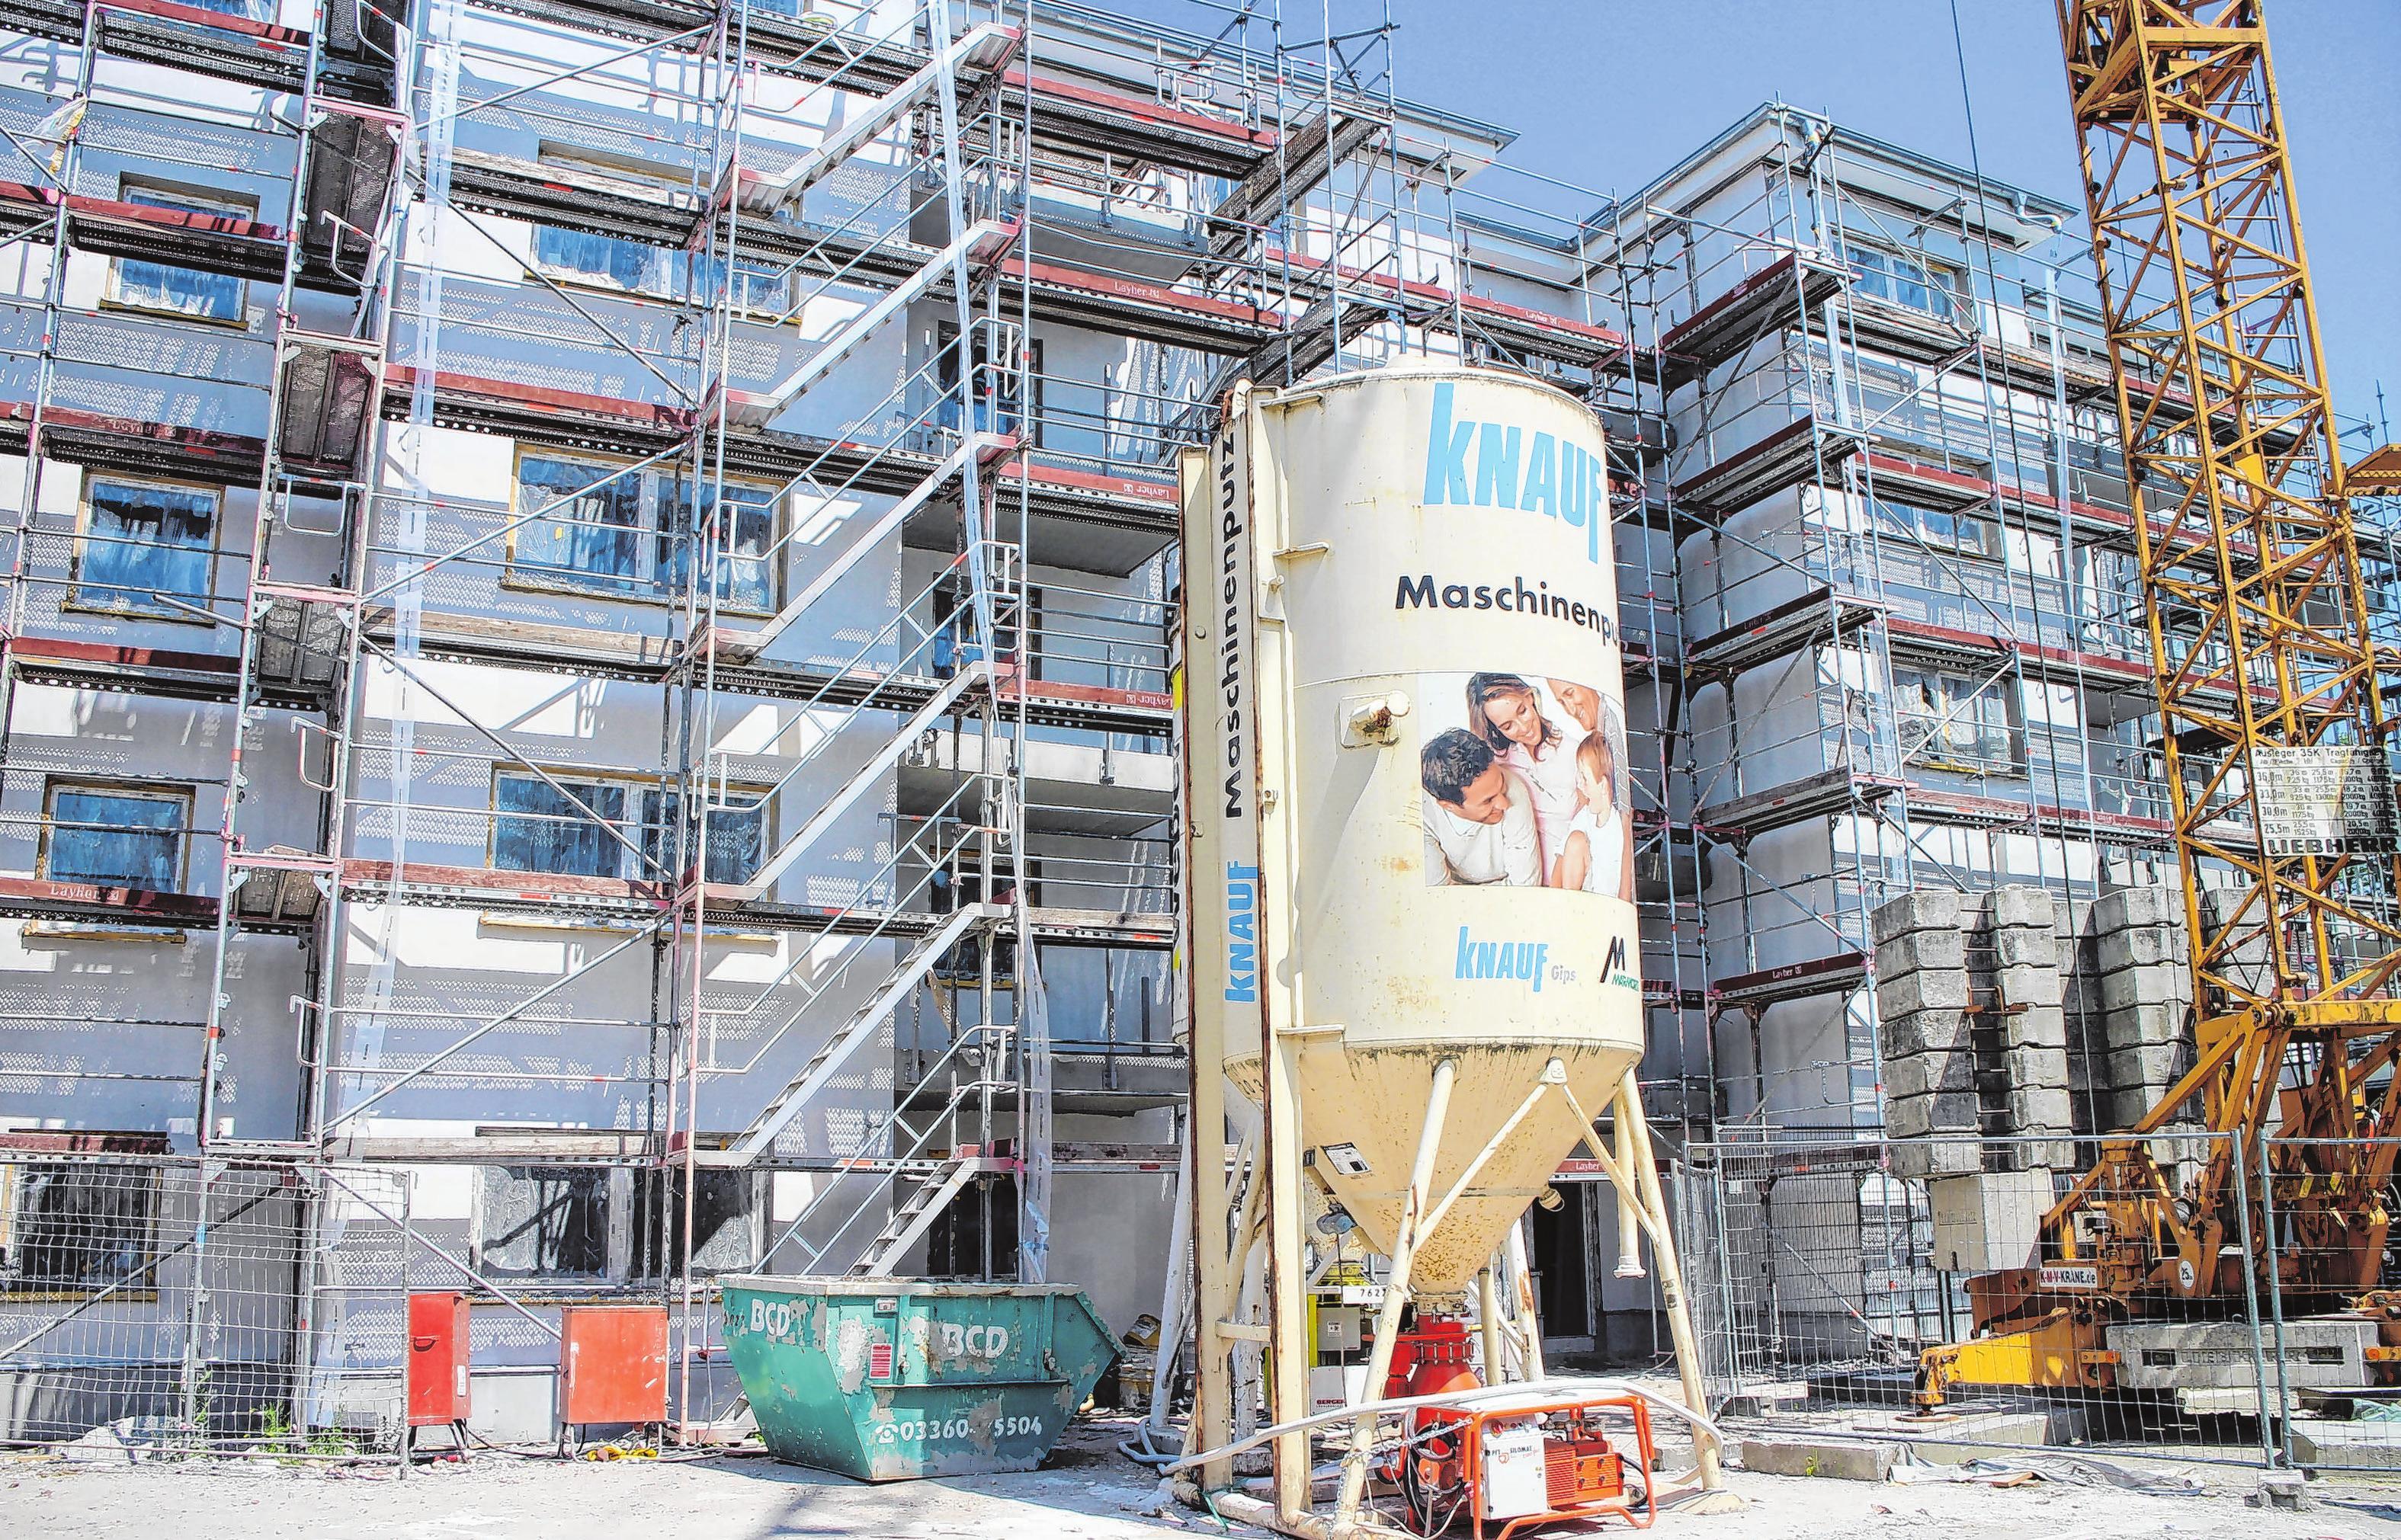 Die Arbeiten auf der Baustelle schreiten zügig voran. Ende des Jahres können bereits die ersten Mieter in den barrierearmen Neubau einziehen.